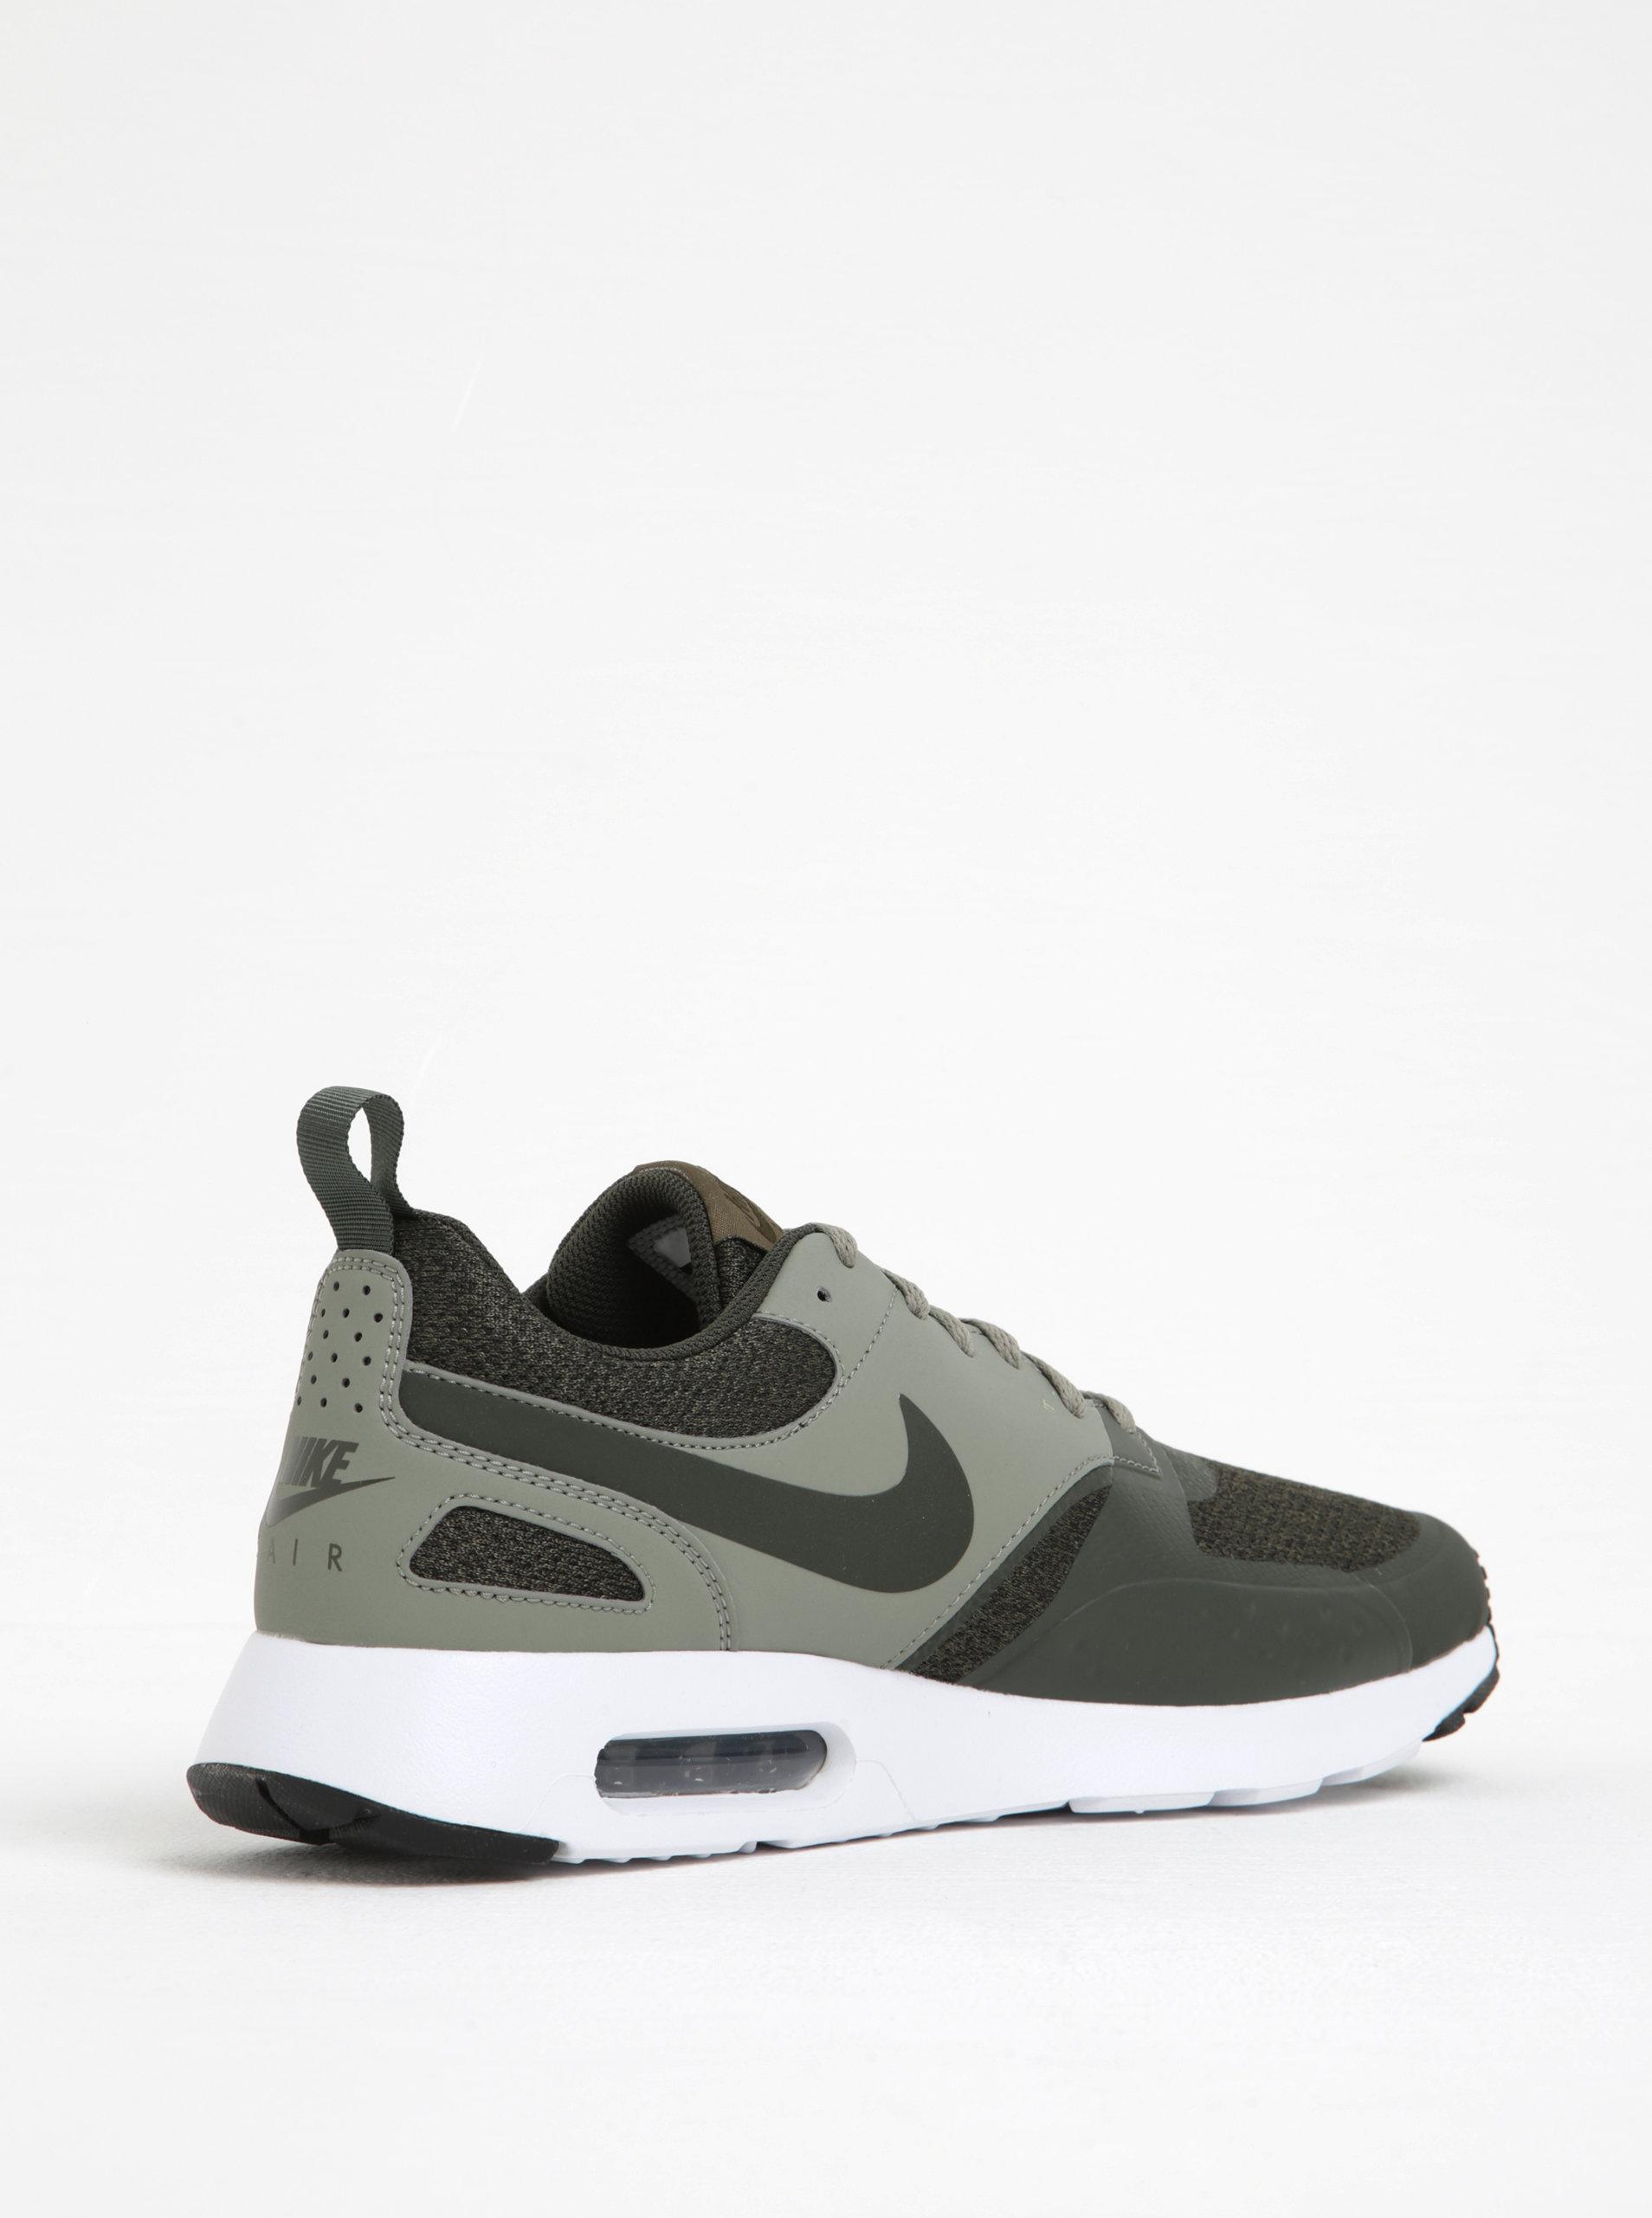 7253c2d41c Pantofi sport verde inchis pentru barbati Nike Air Max Vision ...